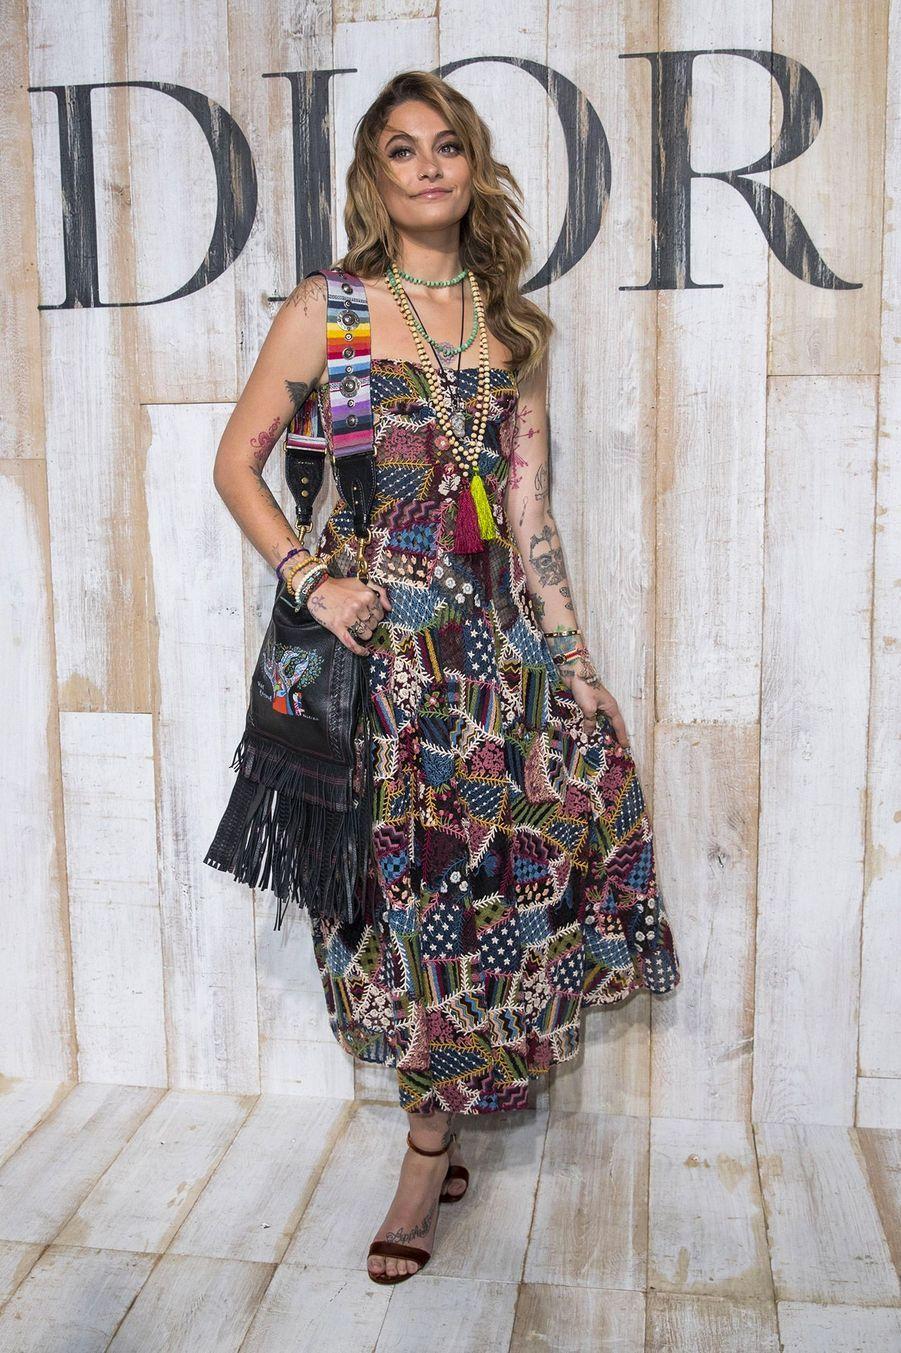 Paris Jackson au Photocall de la collection croisière Christian Dior Couture printemps-été 2019 dans les grandes écuries du château de Chantilly, le 25 mai 2018.